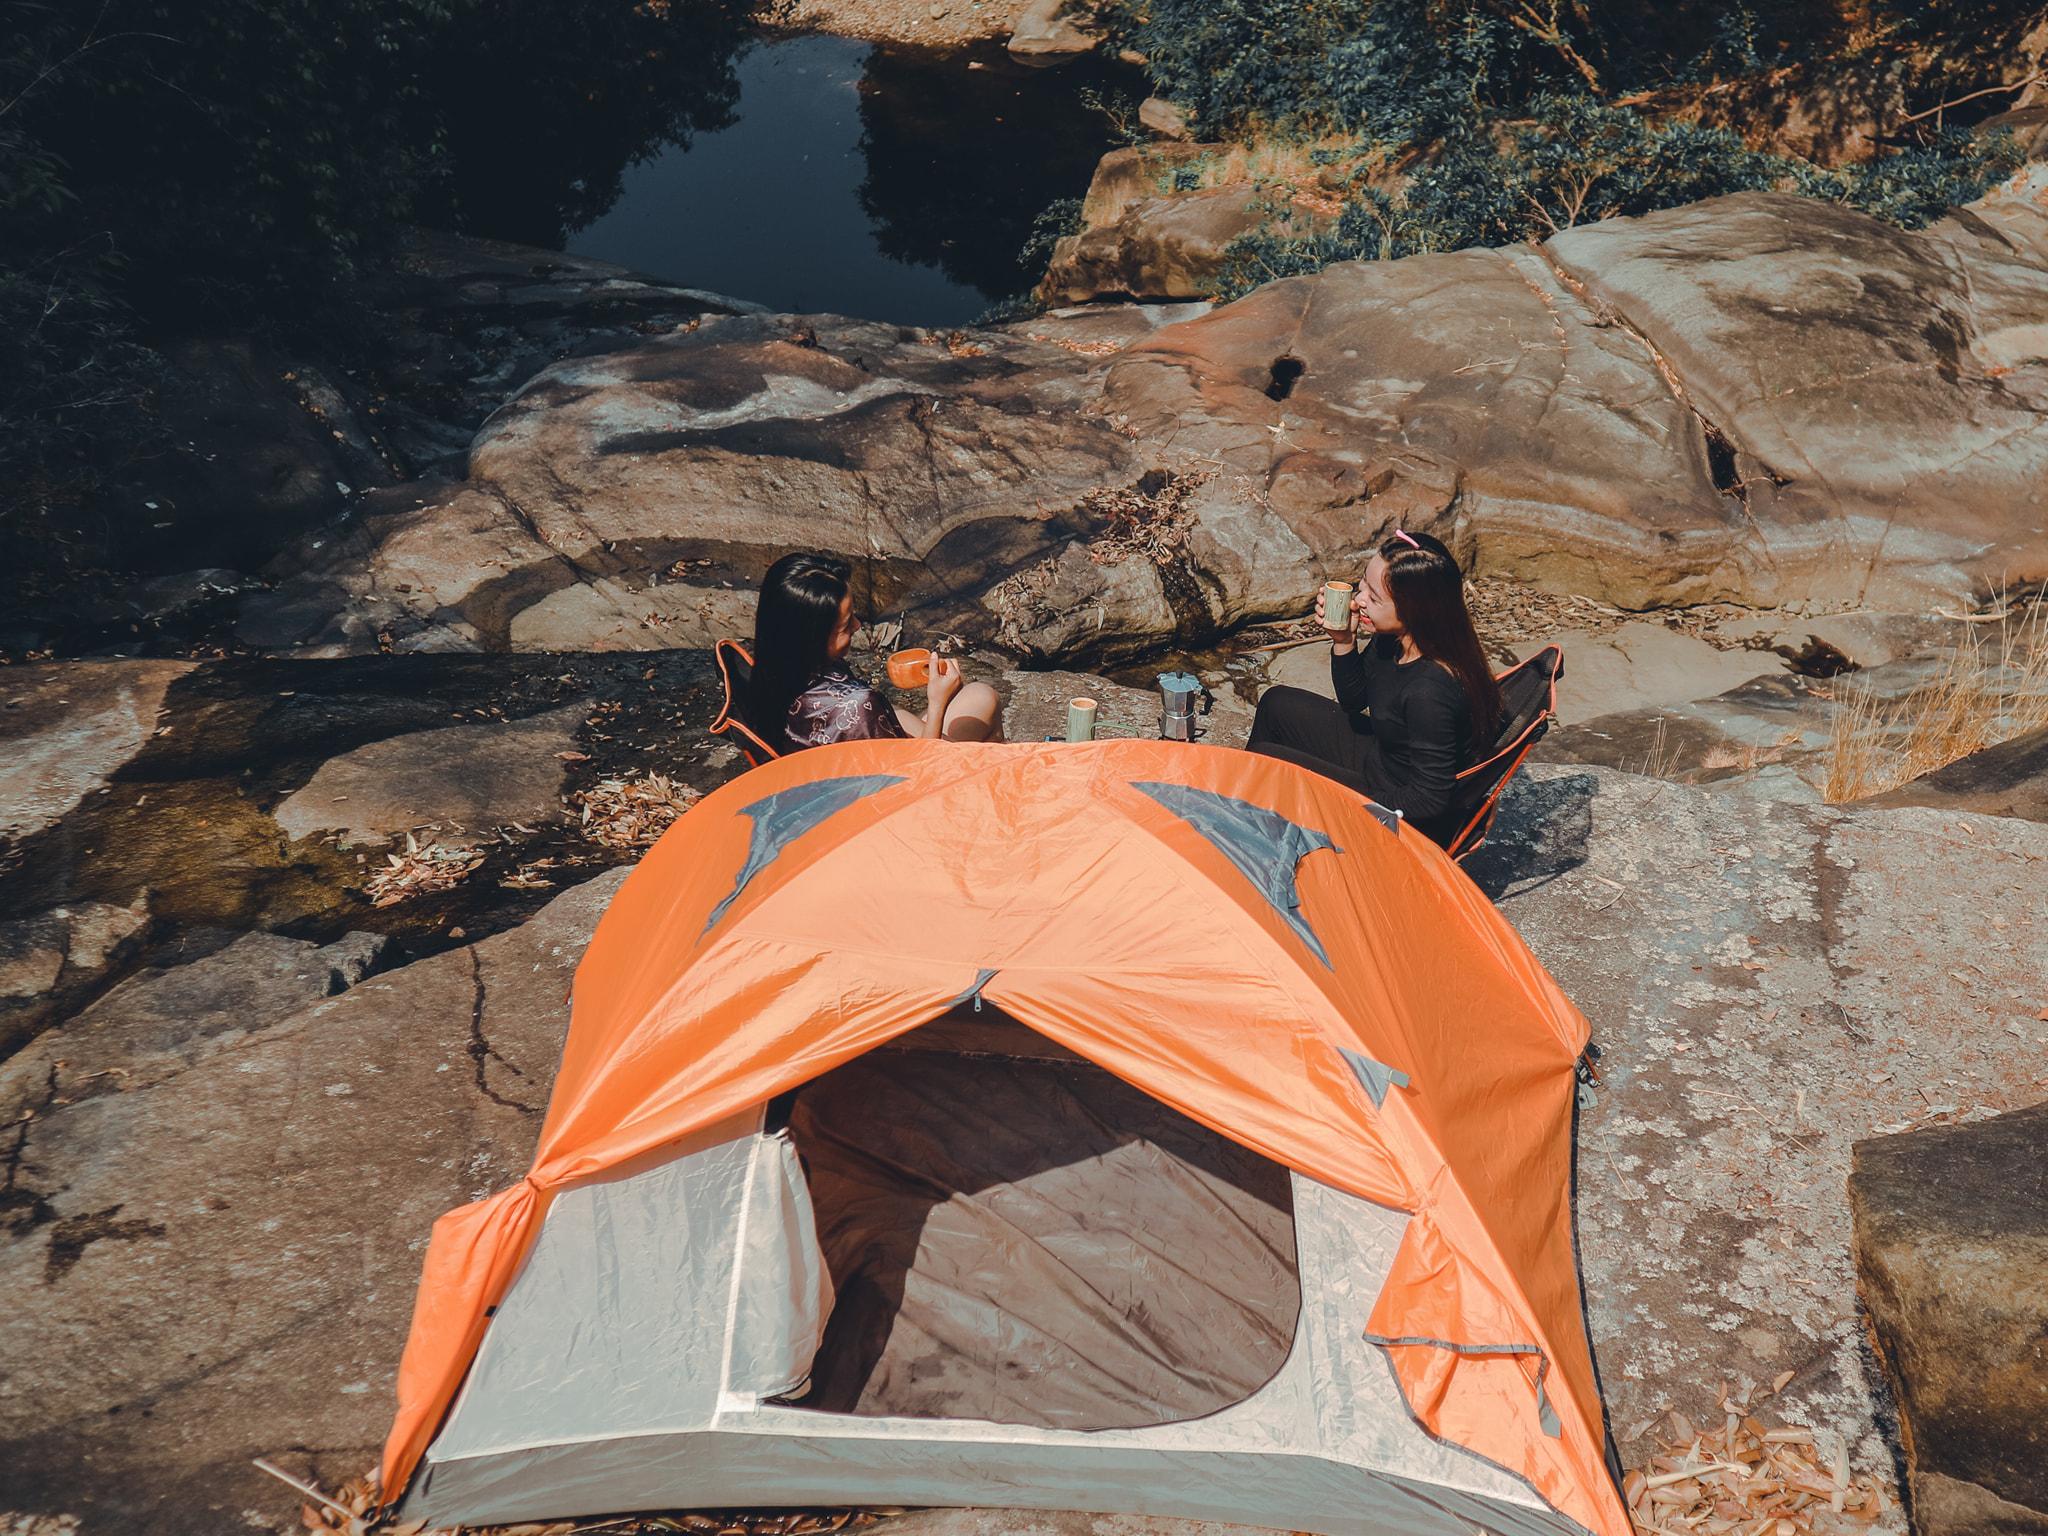 Muốn đi cắm trại từ núi non đến ven biển trong phạm vi 300km, chẳng thể bỏ lỡ những địa danh vô cùng đẹp, các camper nên chinh phục 1 lần - Ảnh 16.